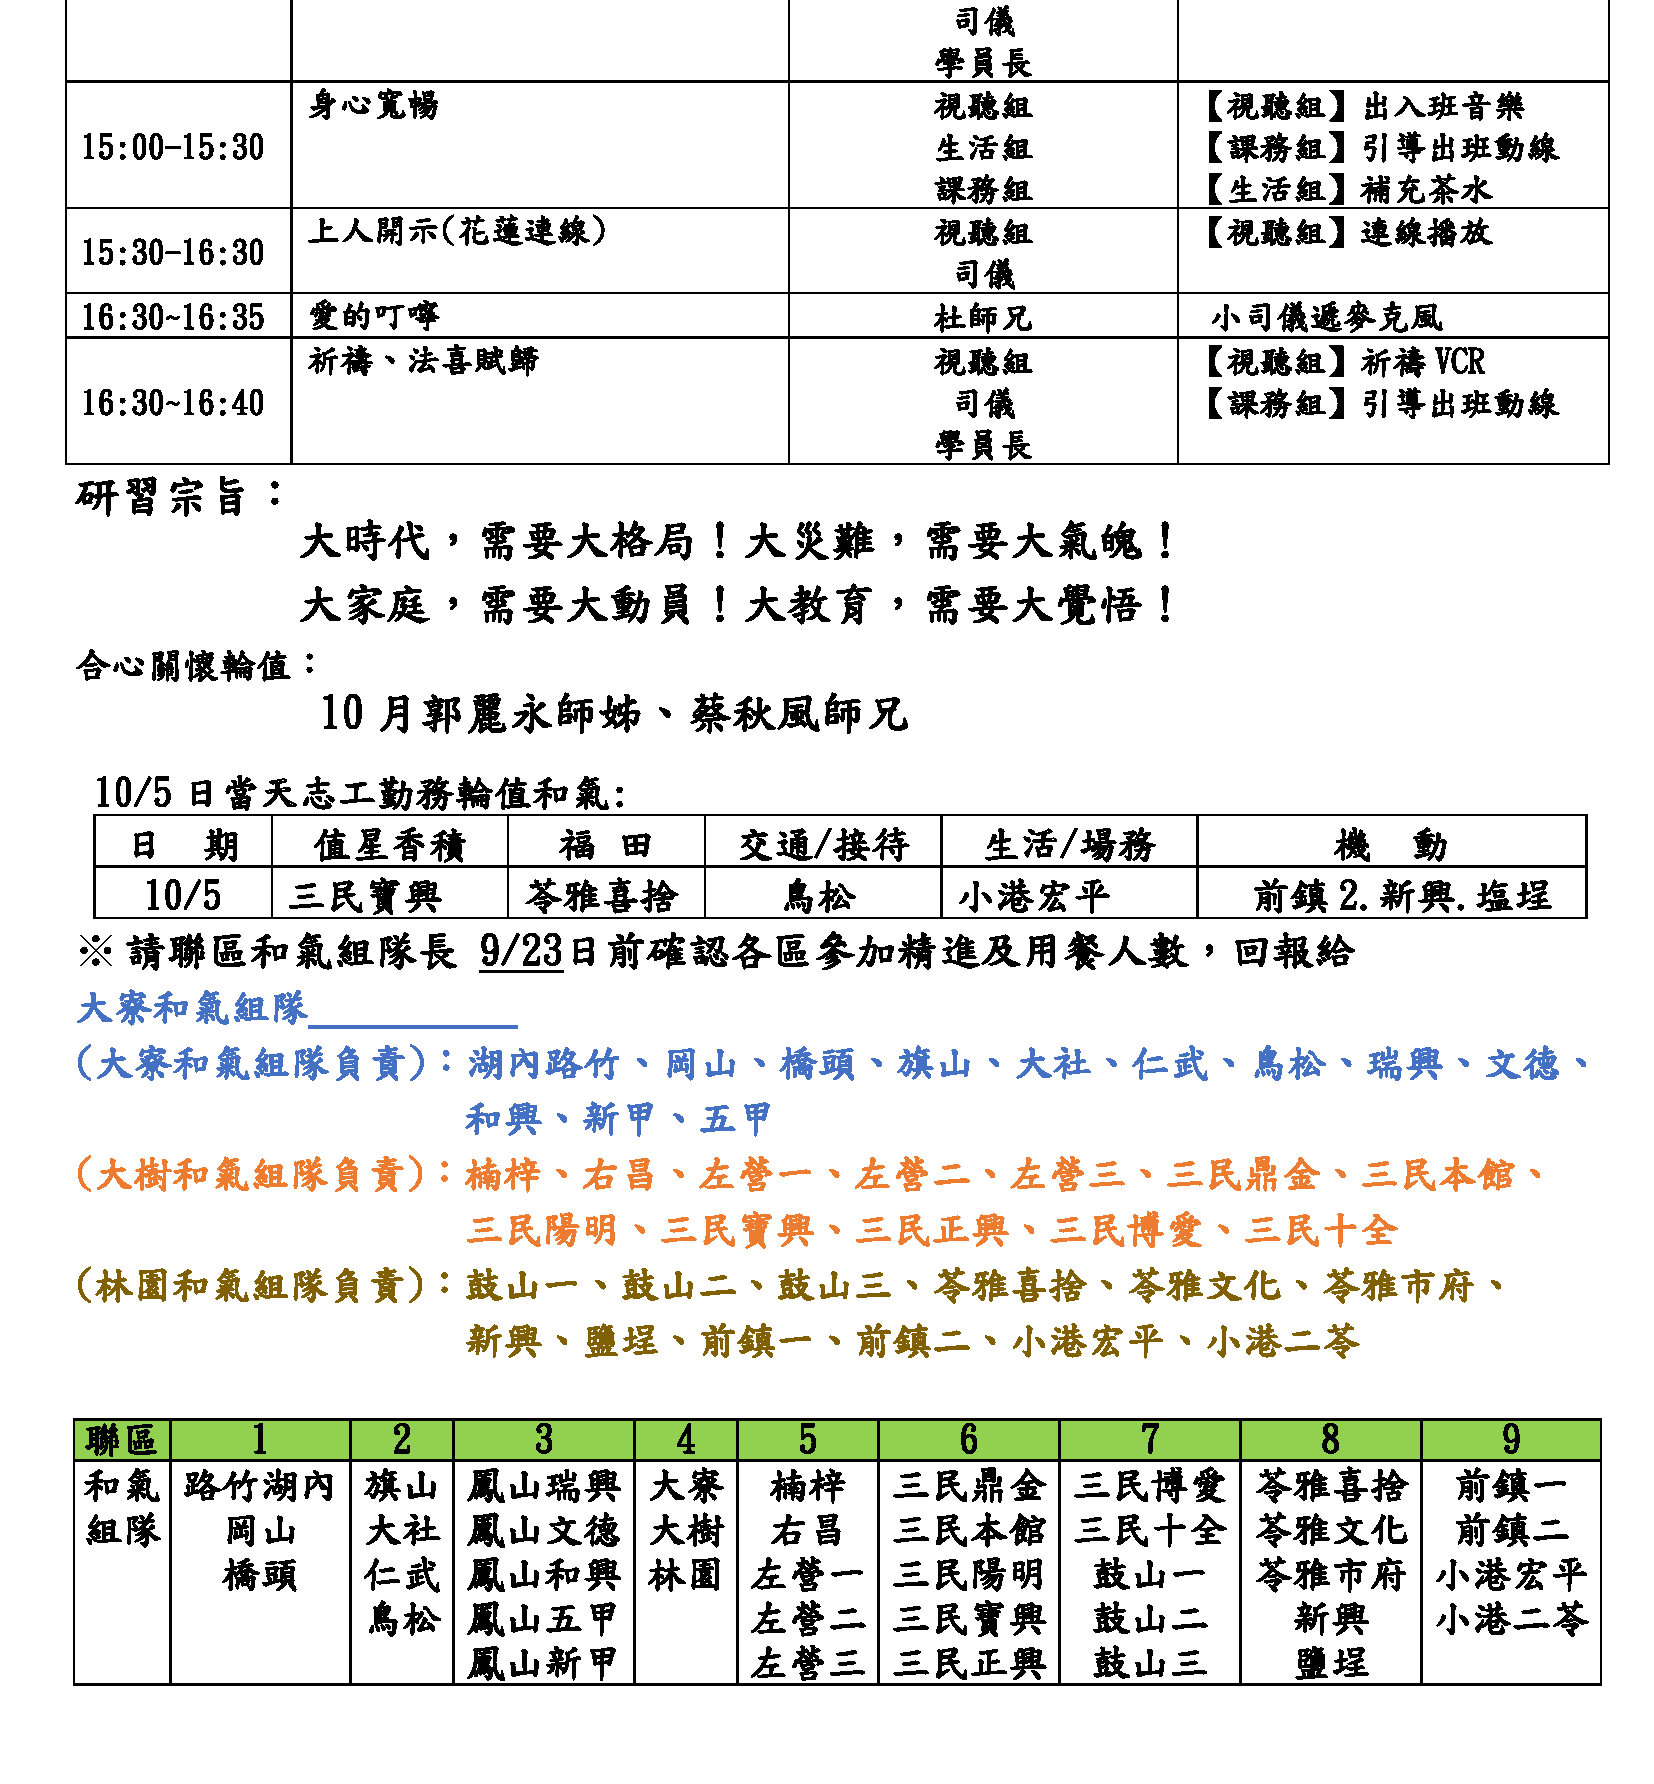 2014年10月慈濟基金會高雄區慈誠委員 精進日課程草案(0924版)_頁面_2.png